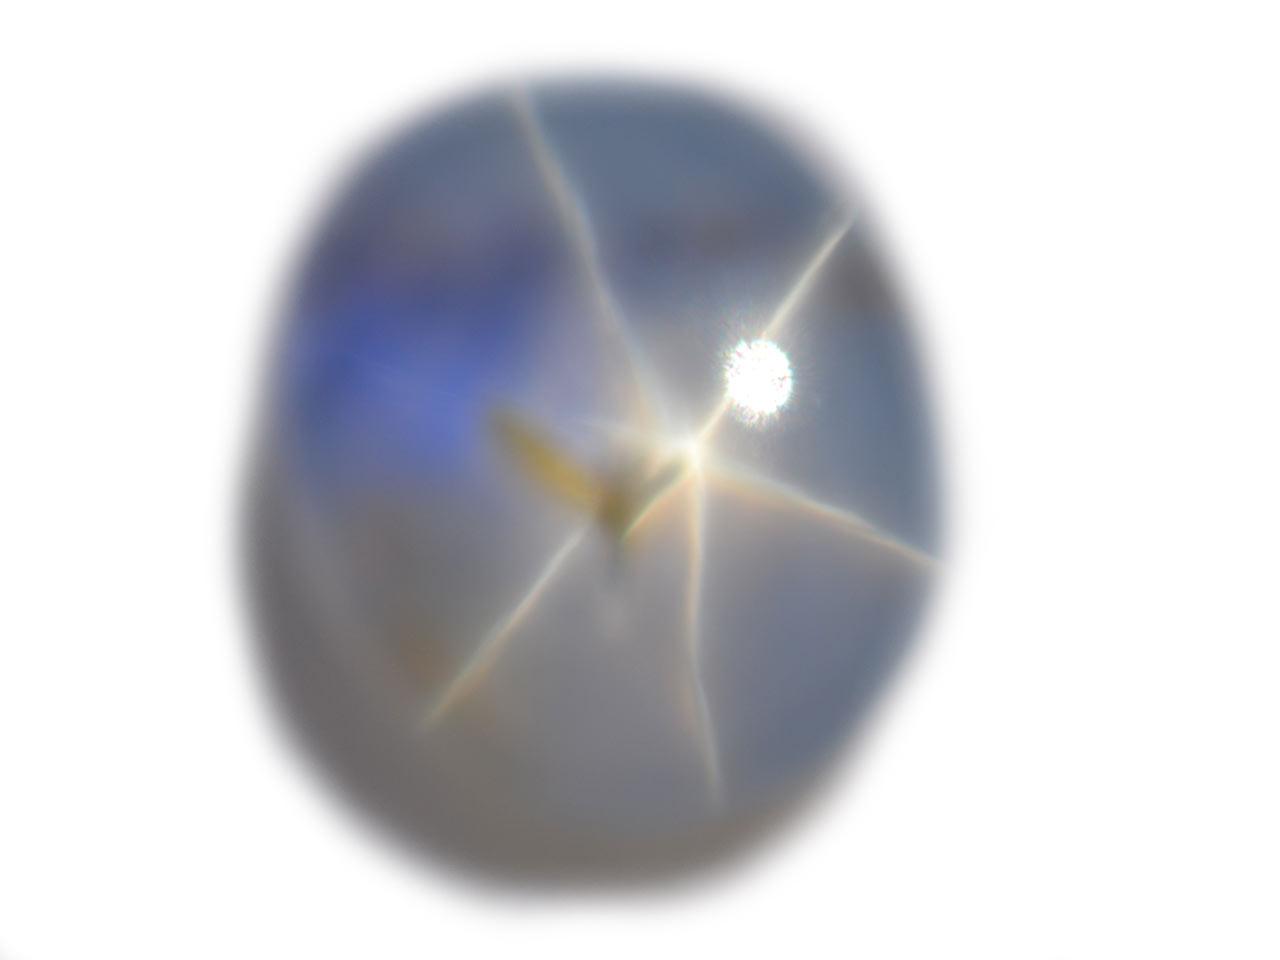 Burma Blue Star Sapphire - 2.89 cts - 9.0x7.6x3.9mm